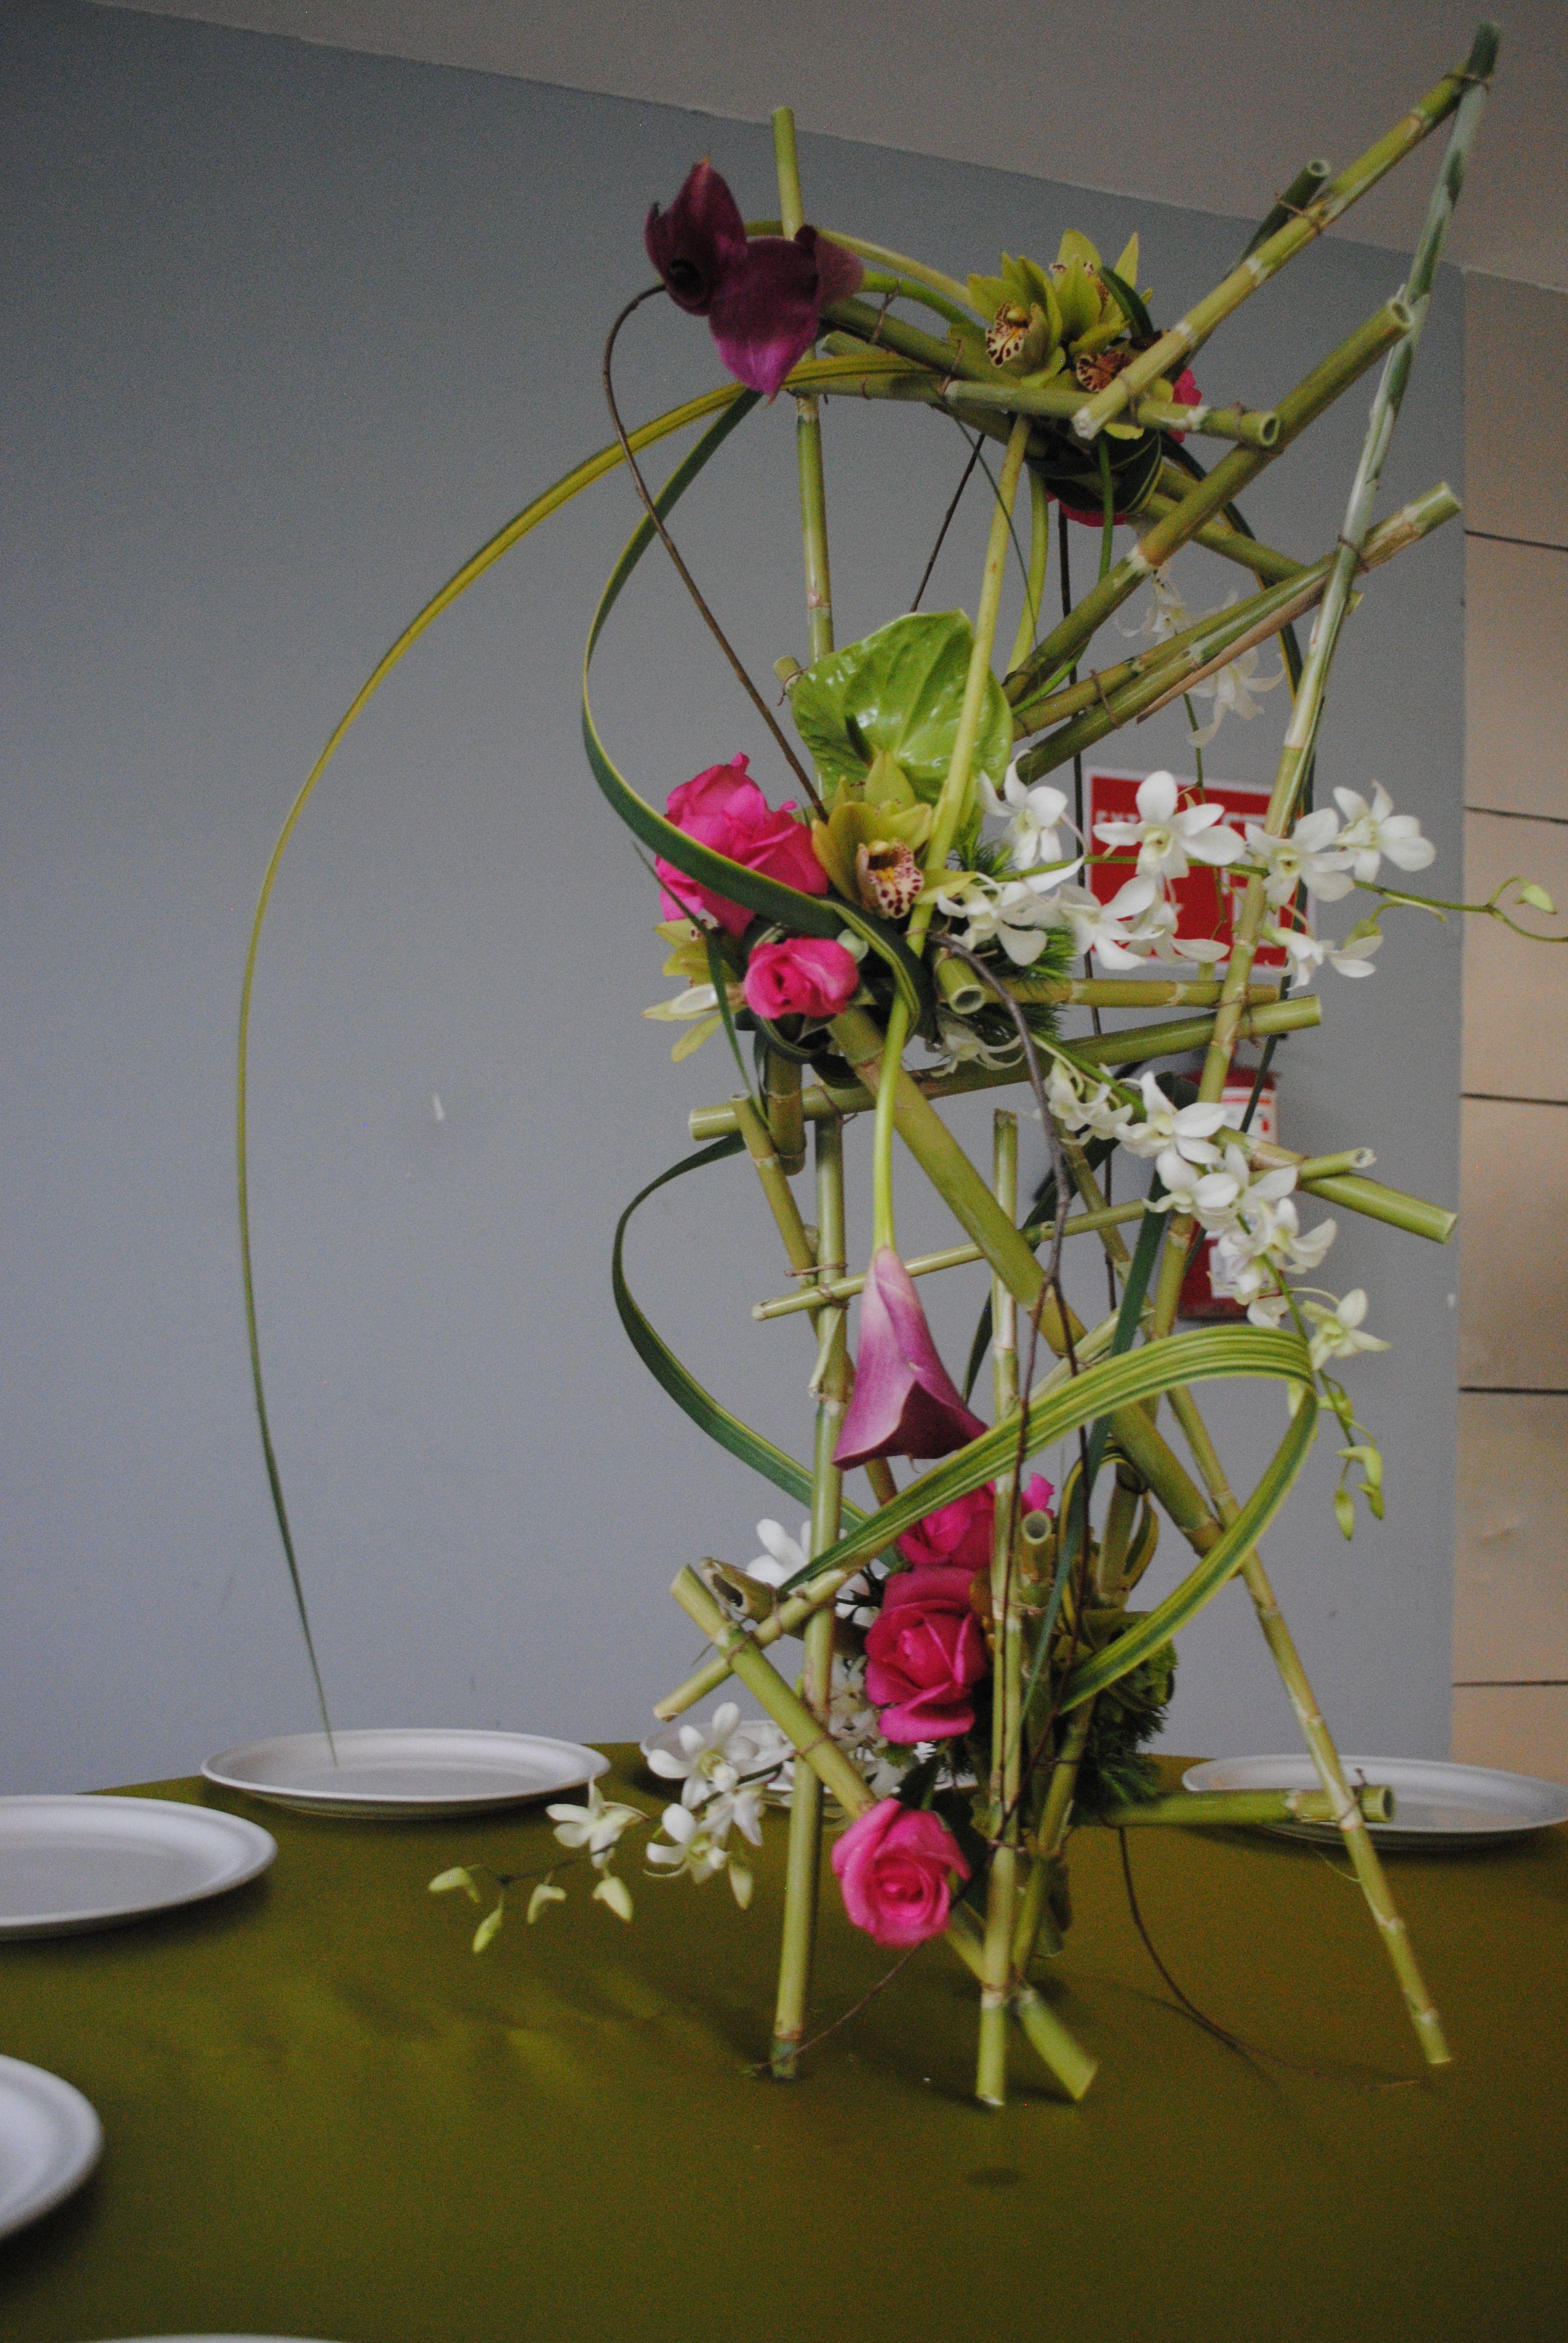 18fa32205 Výsledok vyhľadávania obrázkov pre dopyt hitomi gilliam floral designer